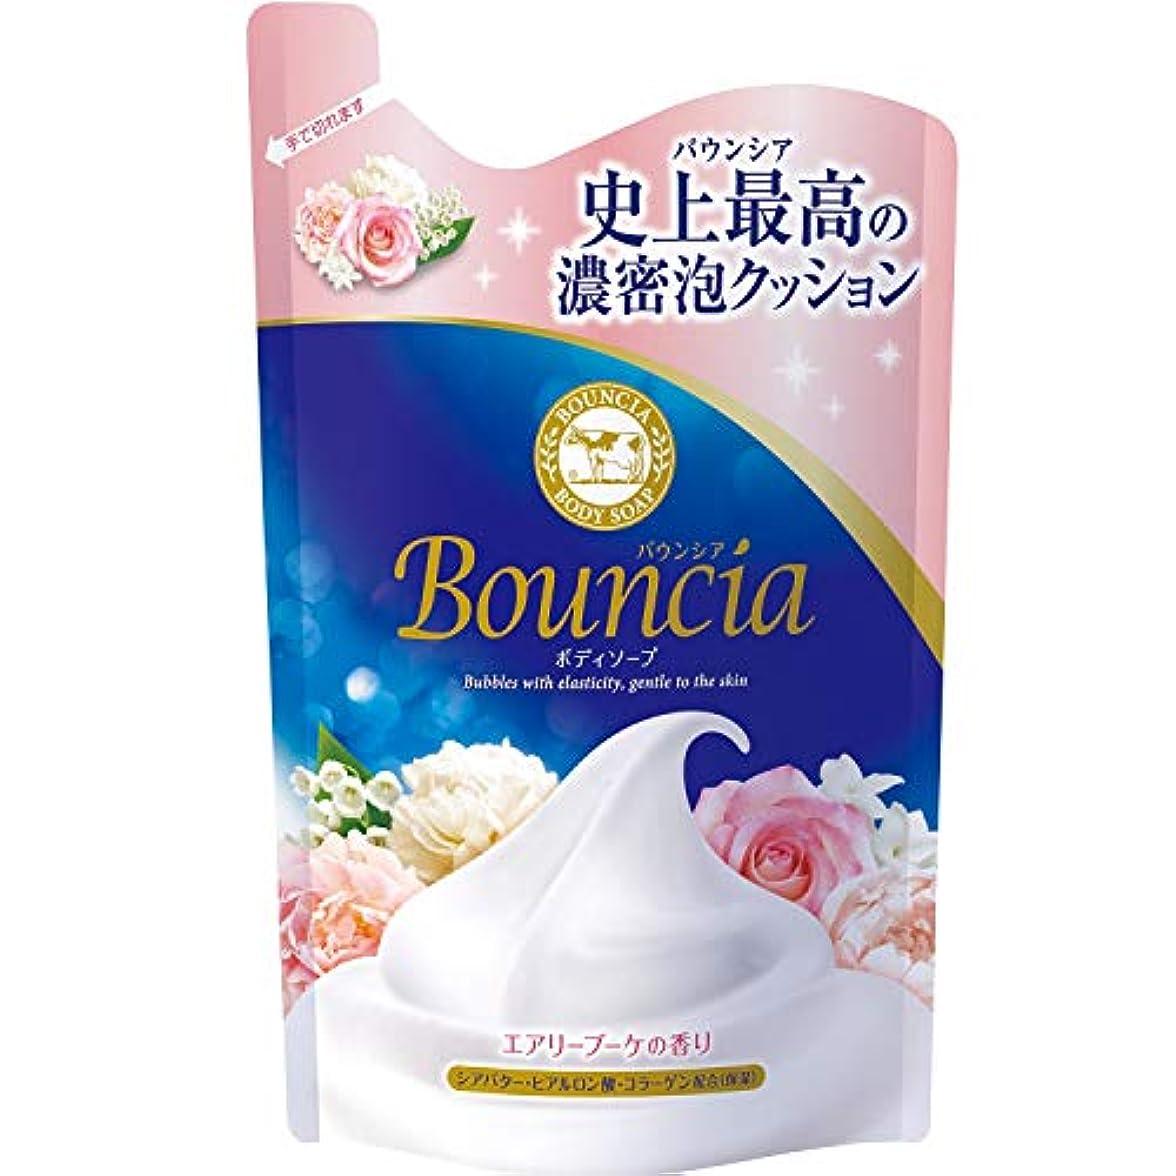 オーガニックフルーティー強制バウンシア ボディソープ エアリーブーケの香り 詰替 400mL